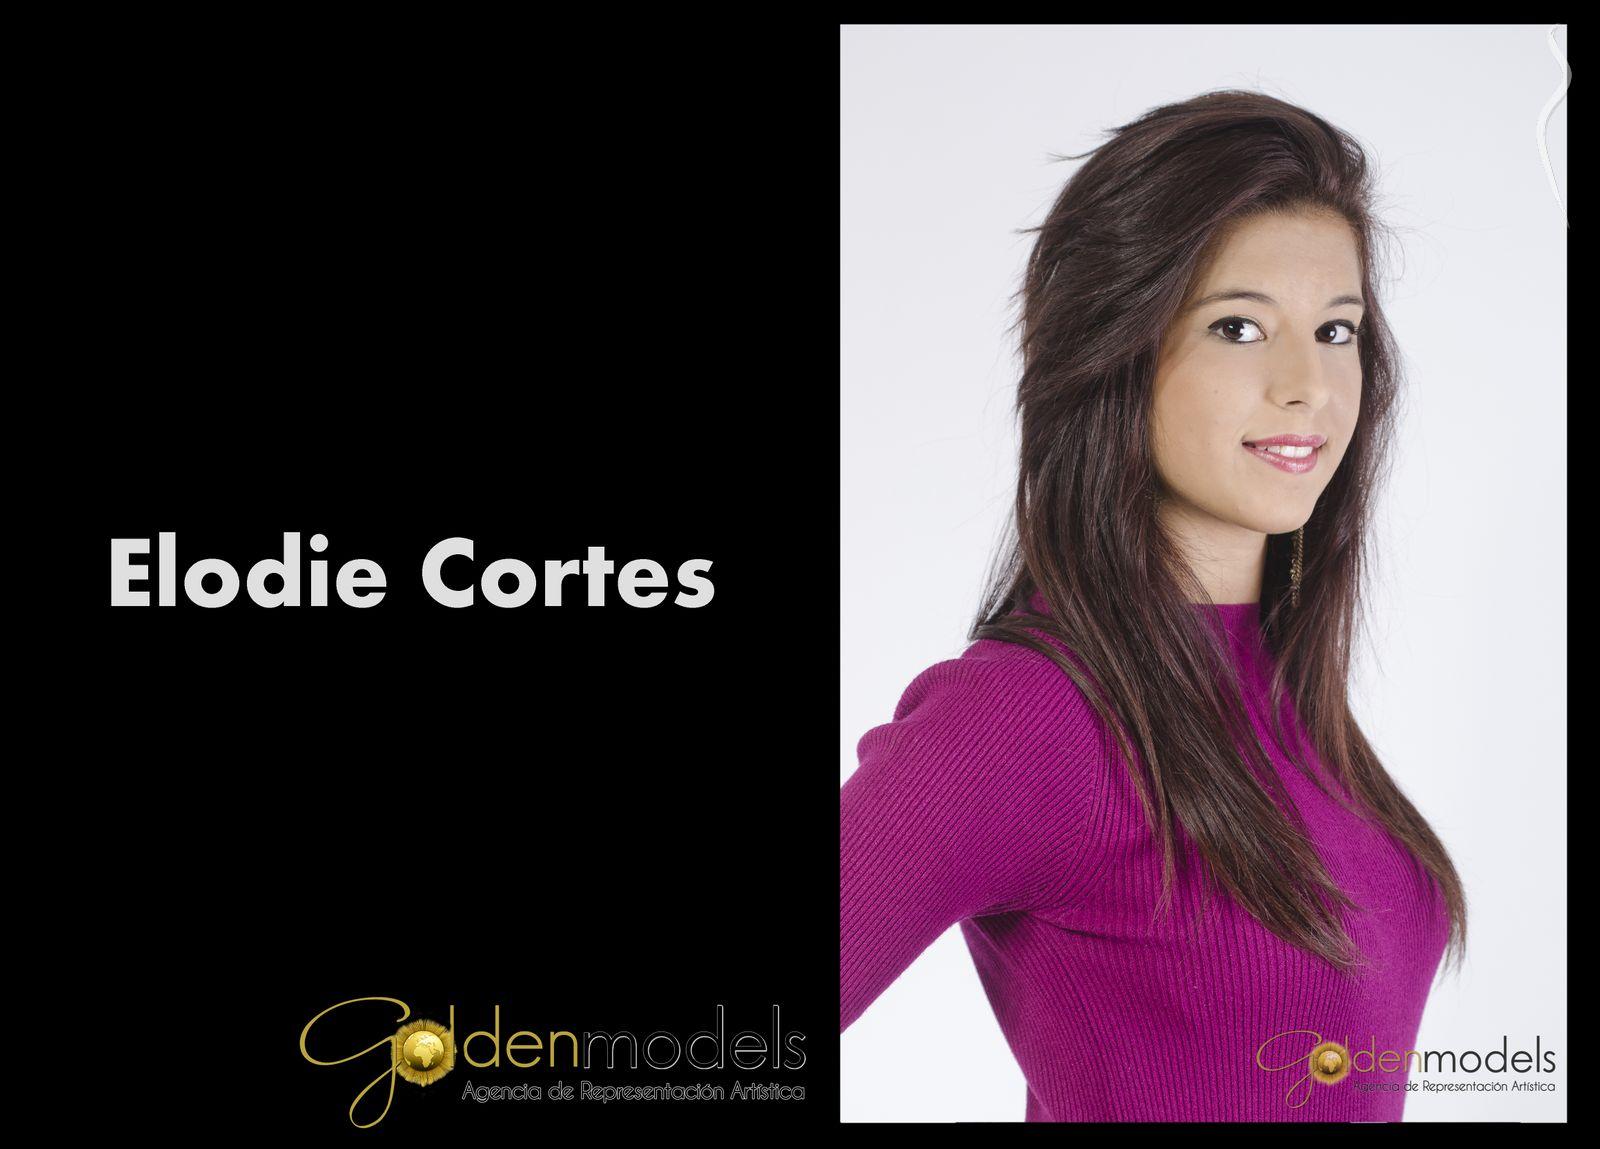 Elodie: Elodie - A Model From Spain